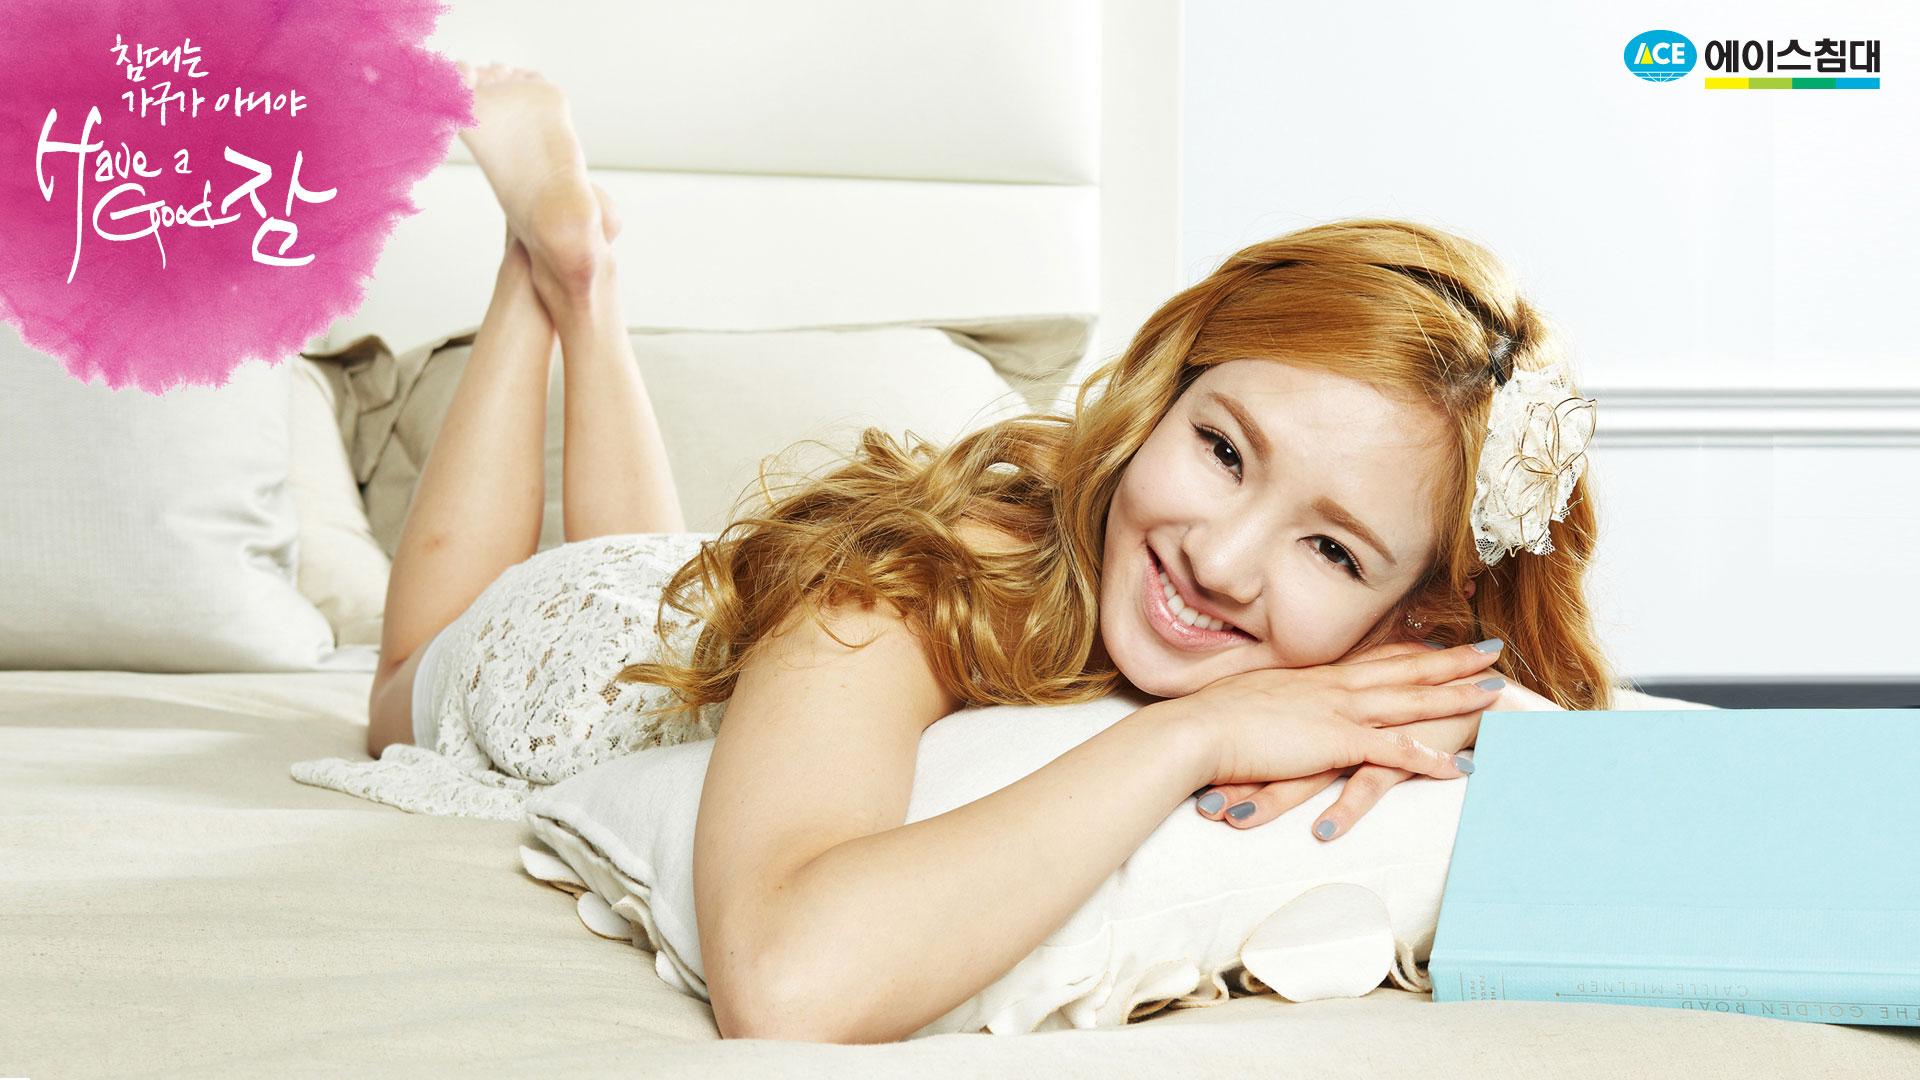 SNSD Hyoyeon Ace Bed wallpaper